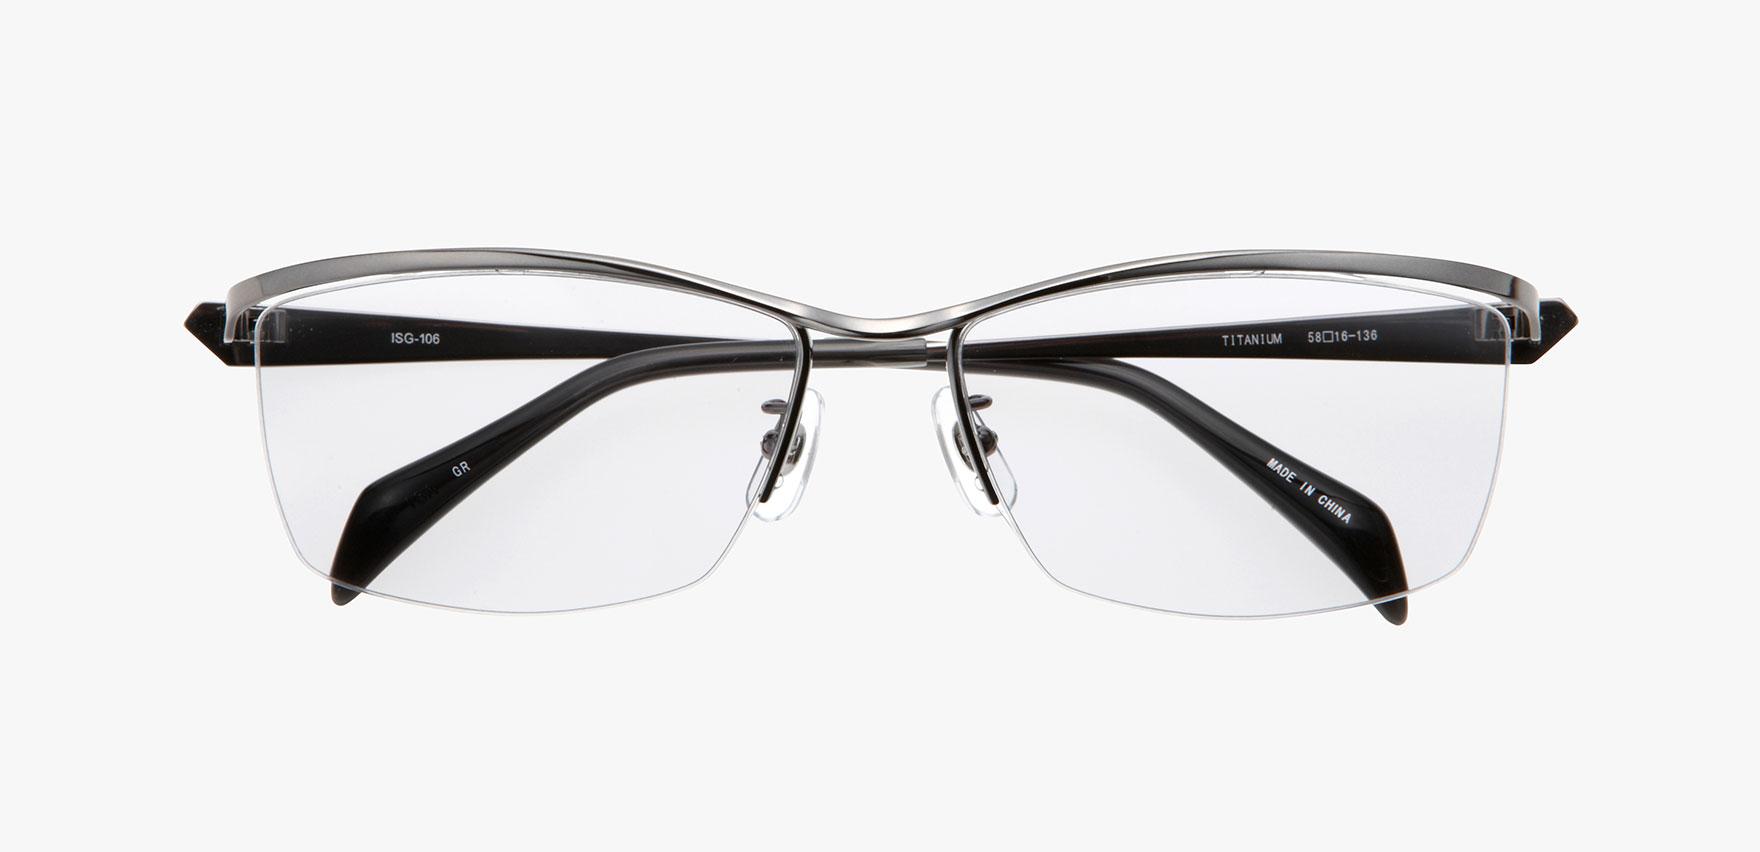 cef13c1c93b20a チタン素材を使用する事で、立体的なブローバーデザインでも、軽さ、しなやかさの実用性の高さを併せ持つ本物志向サングラス。ファッションや、目元のアクセント に!